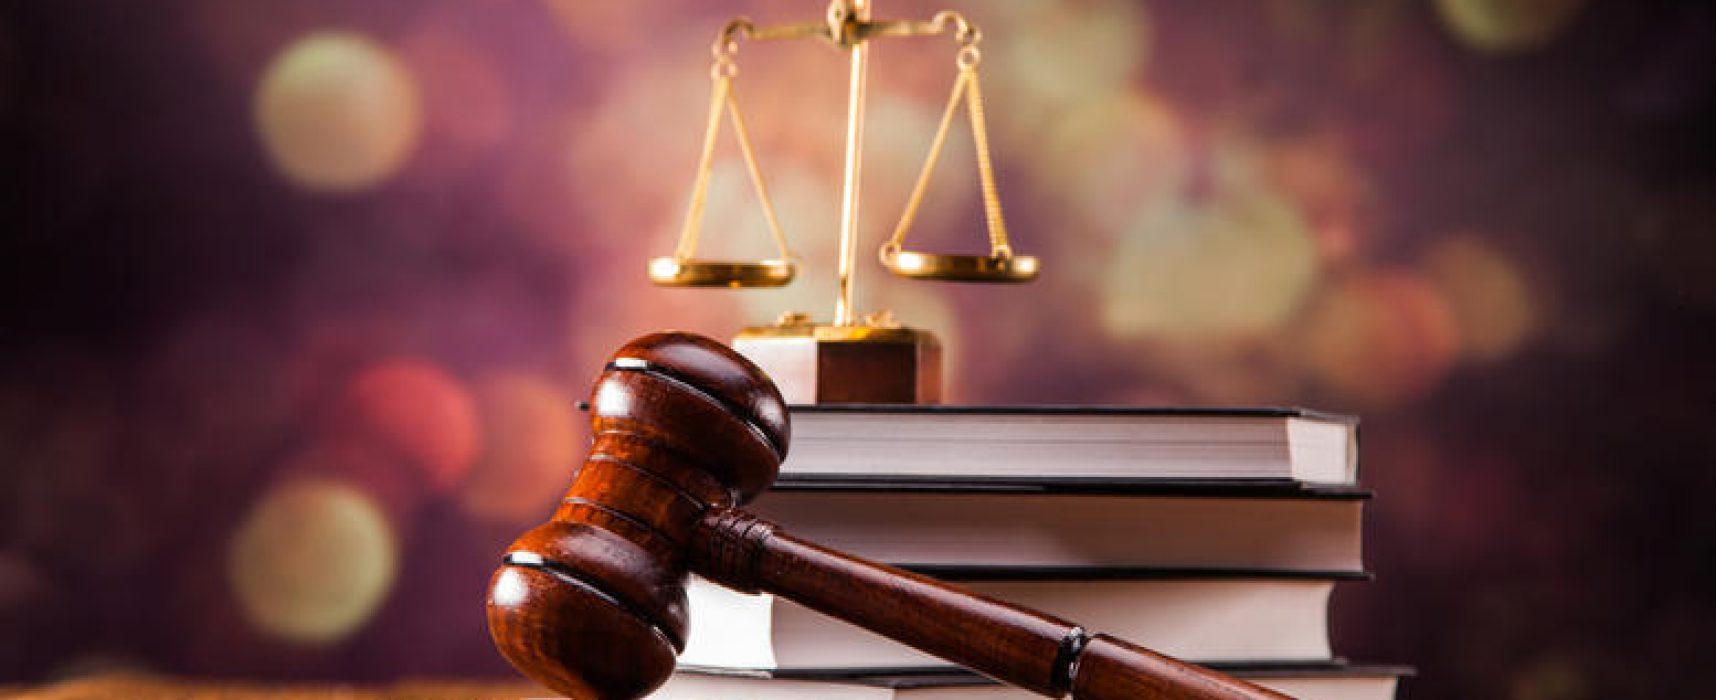 Πρόσκληση για την άσκηση υποψήφιου δικηγόρου στον Δήμο Σοφάδων